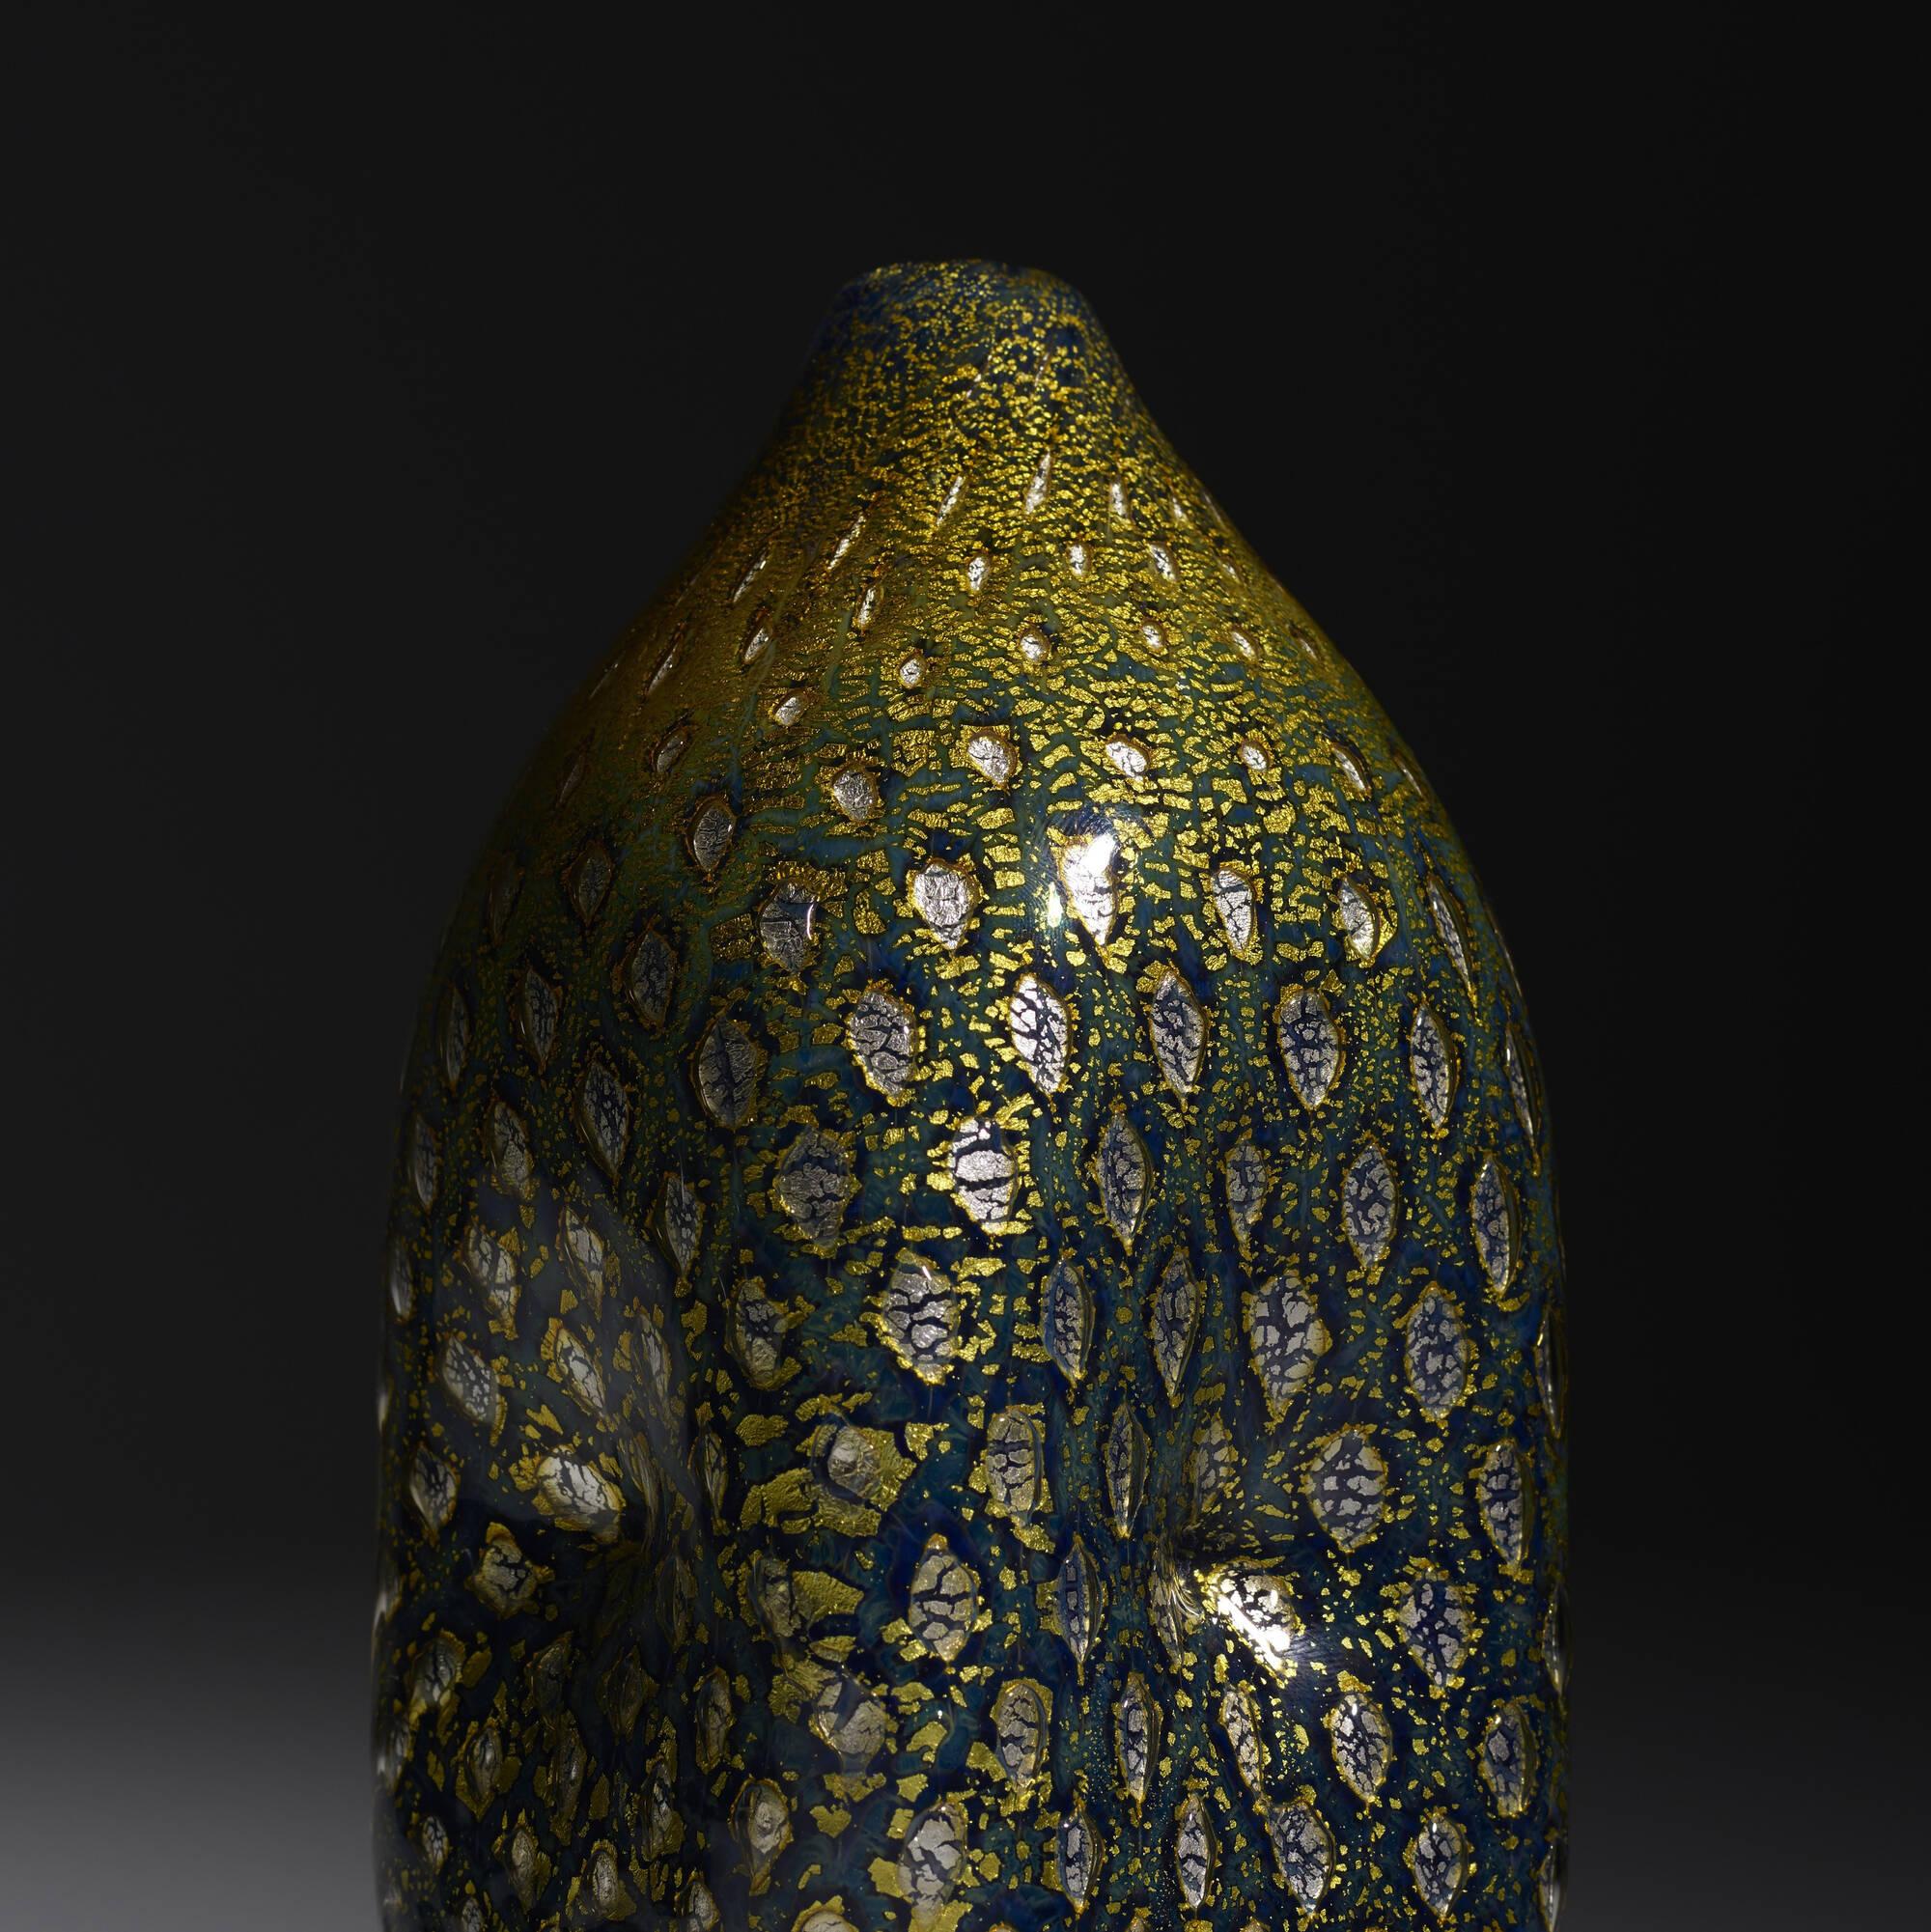 187: Giulio Radi / A Reazione Polichrome vase (3 of 3)